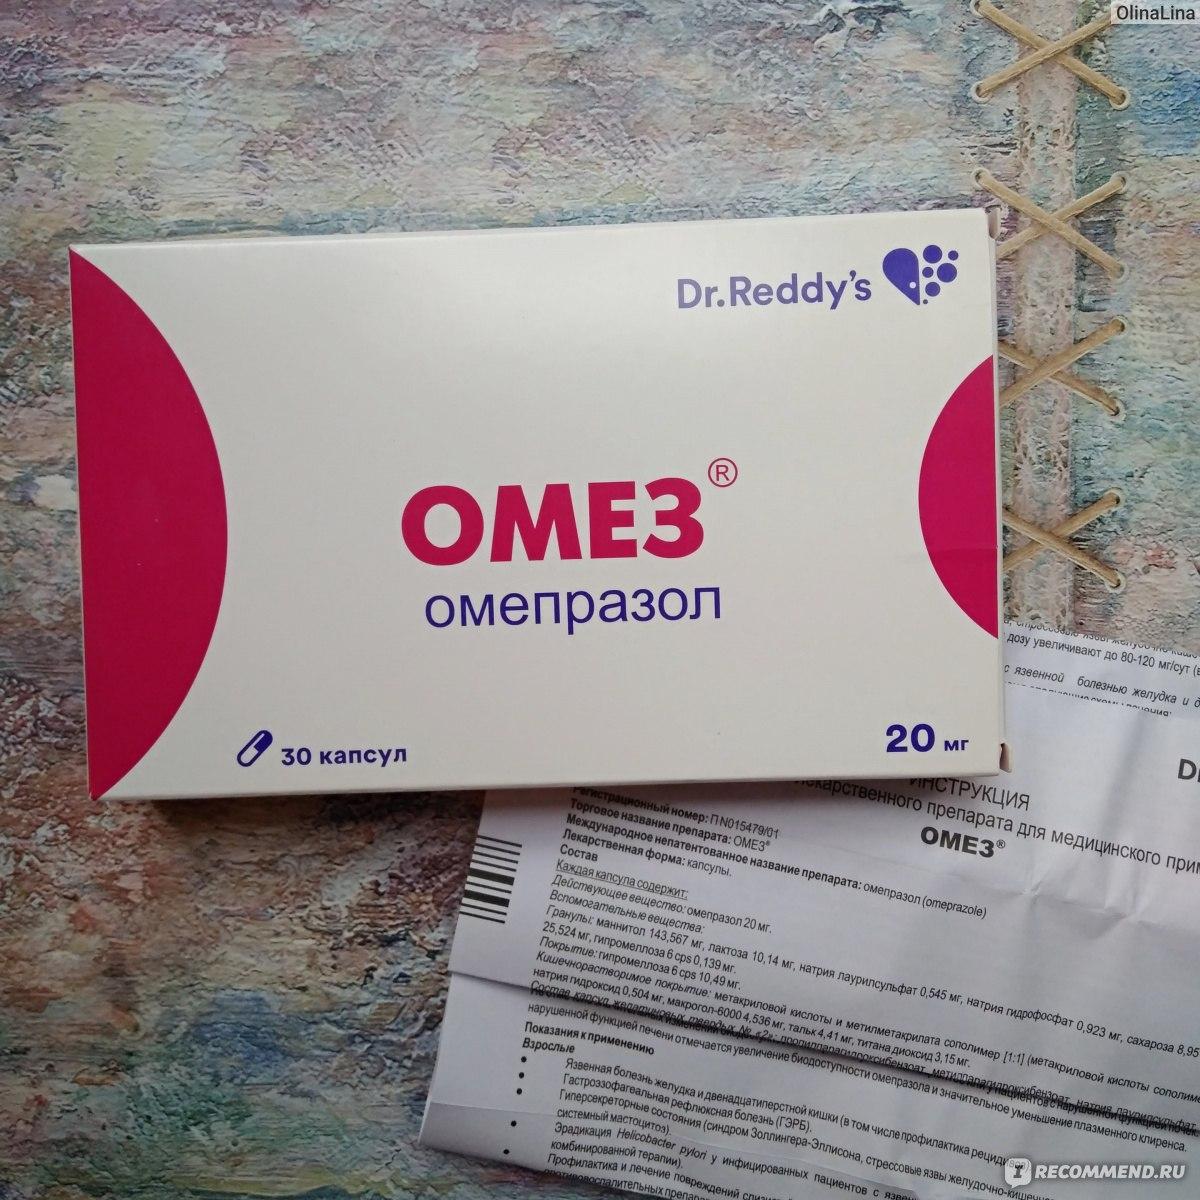 Омез 10 мг